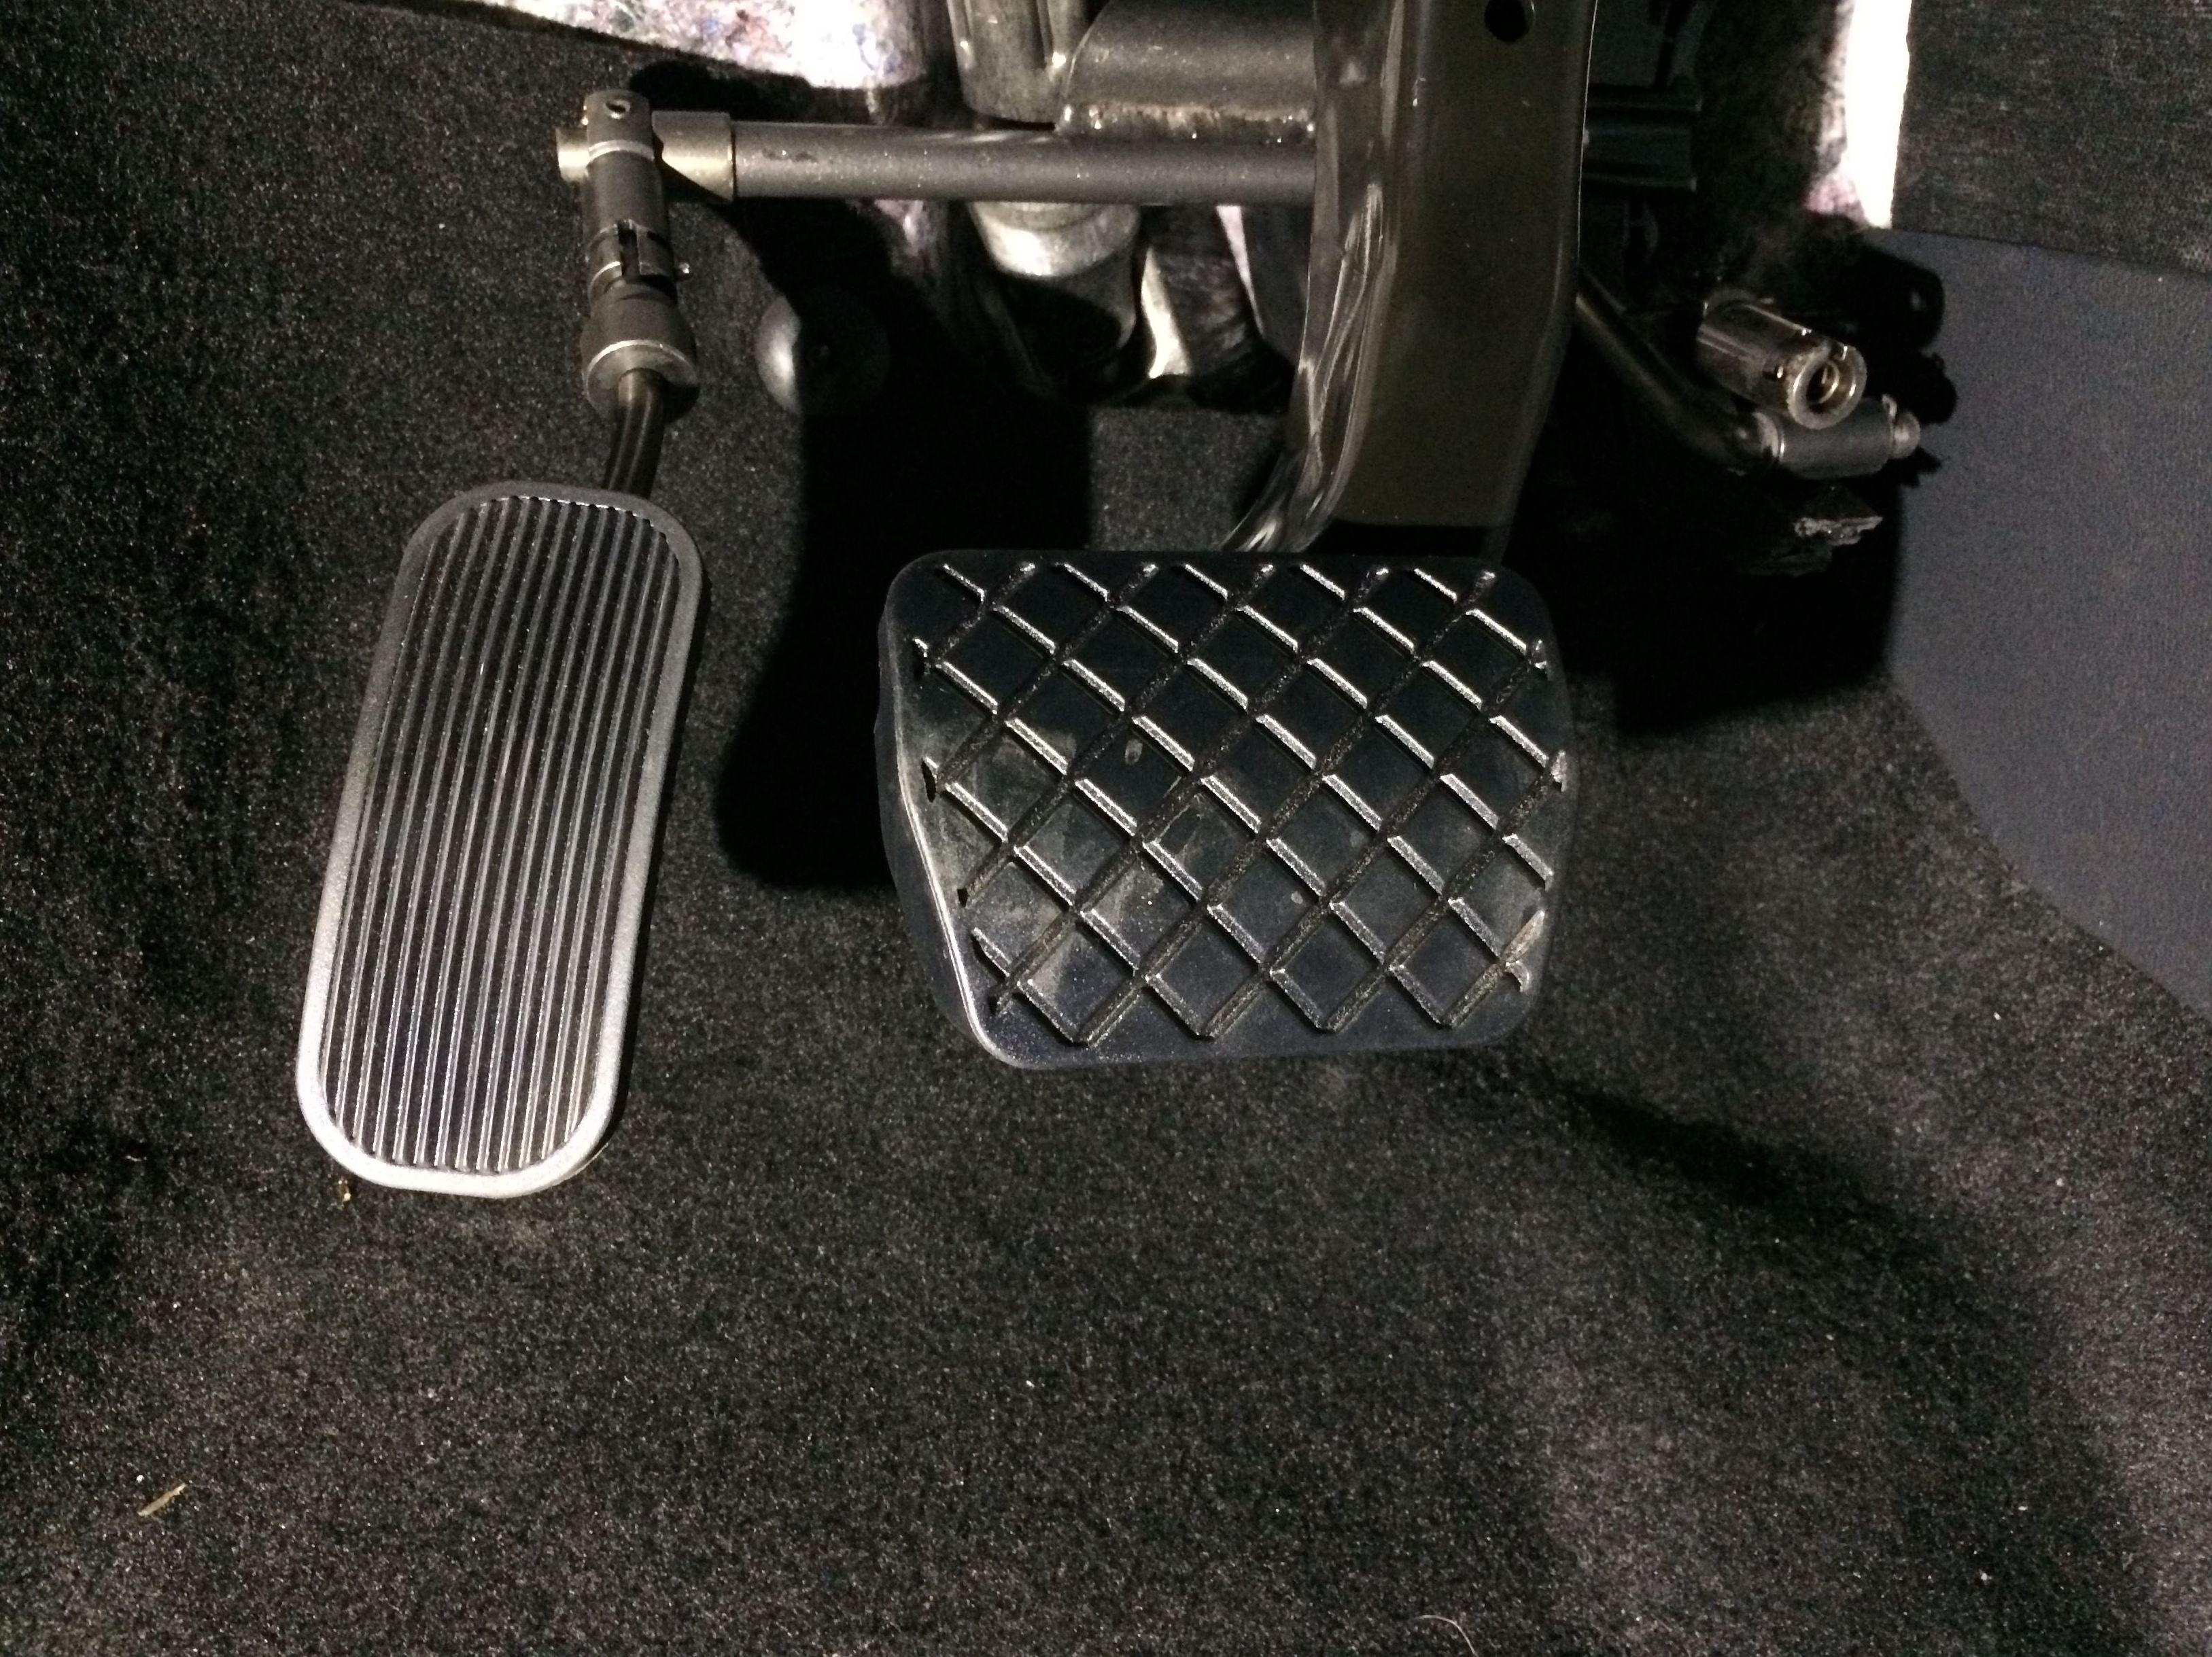 Adaptación de vehículos en Asturias. Inversor de pedal conducción adaptada a pierna izquierda